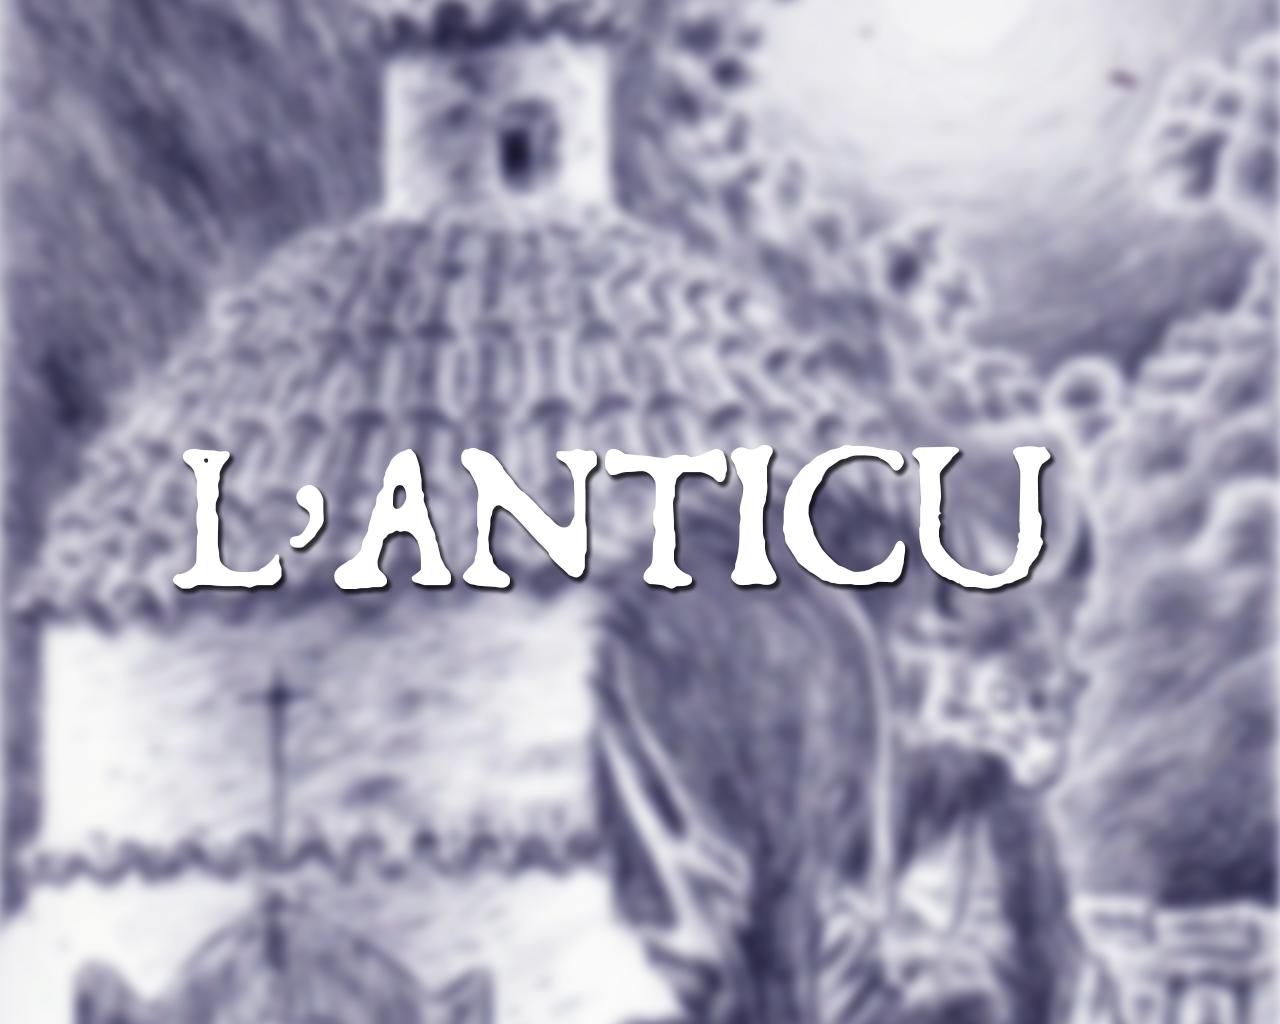 L'Anticu: U lupu i San Giuvanni